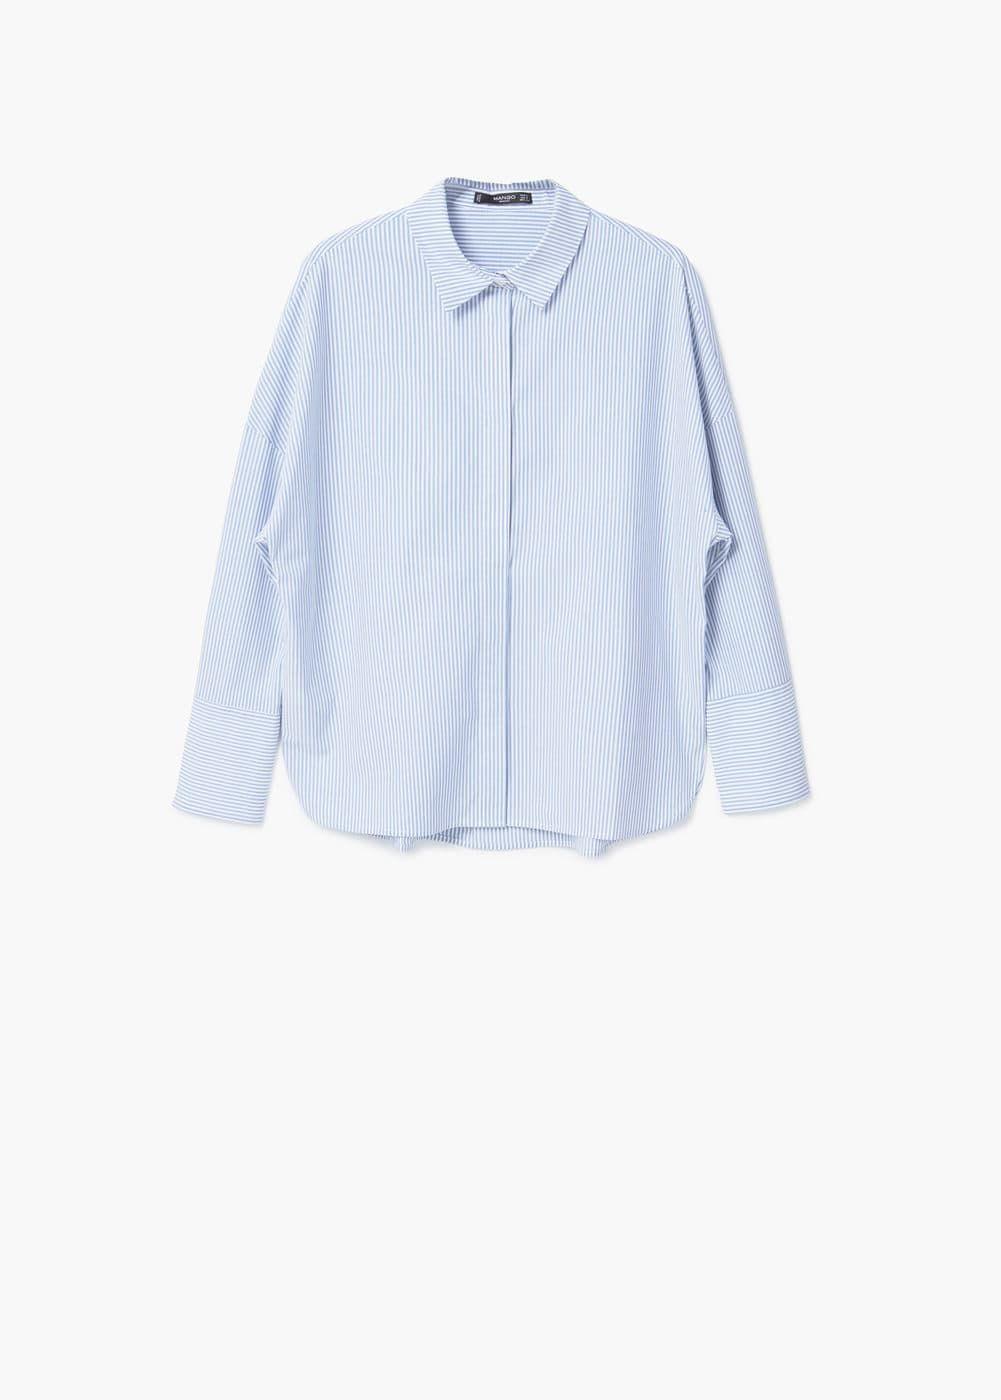 Хлопковая рубашка в полоску - Рубашки - Женская | MANGO МАНГО Россия (Российская Федерация)